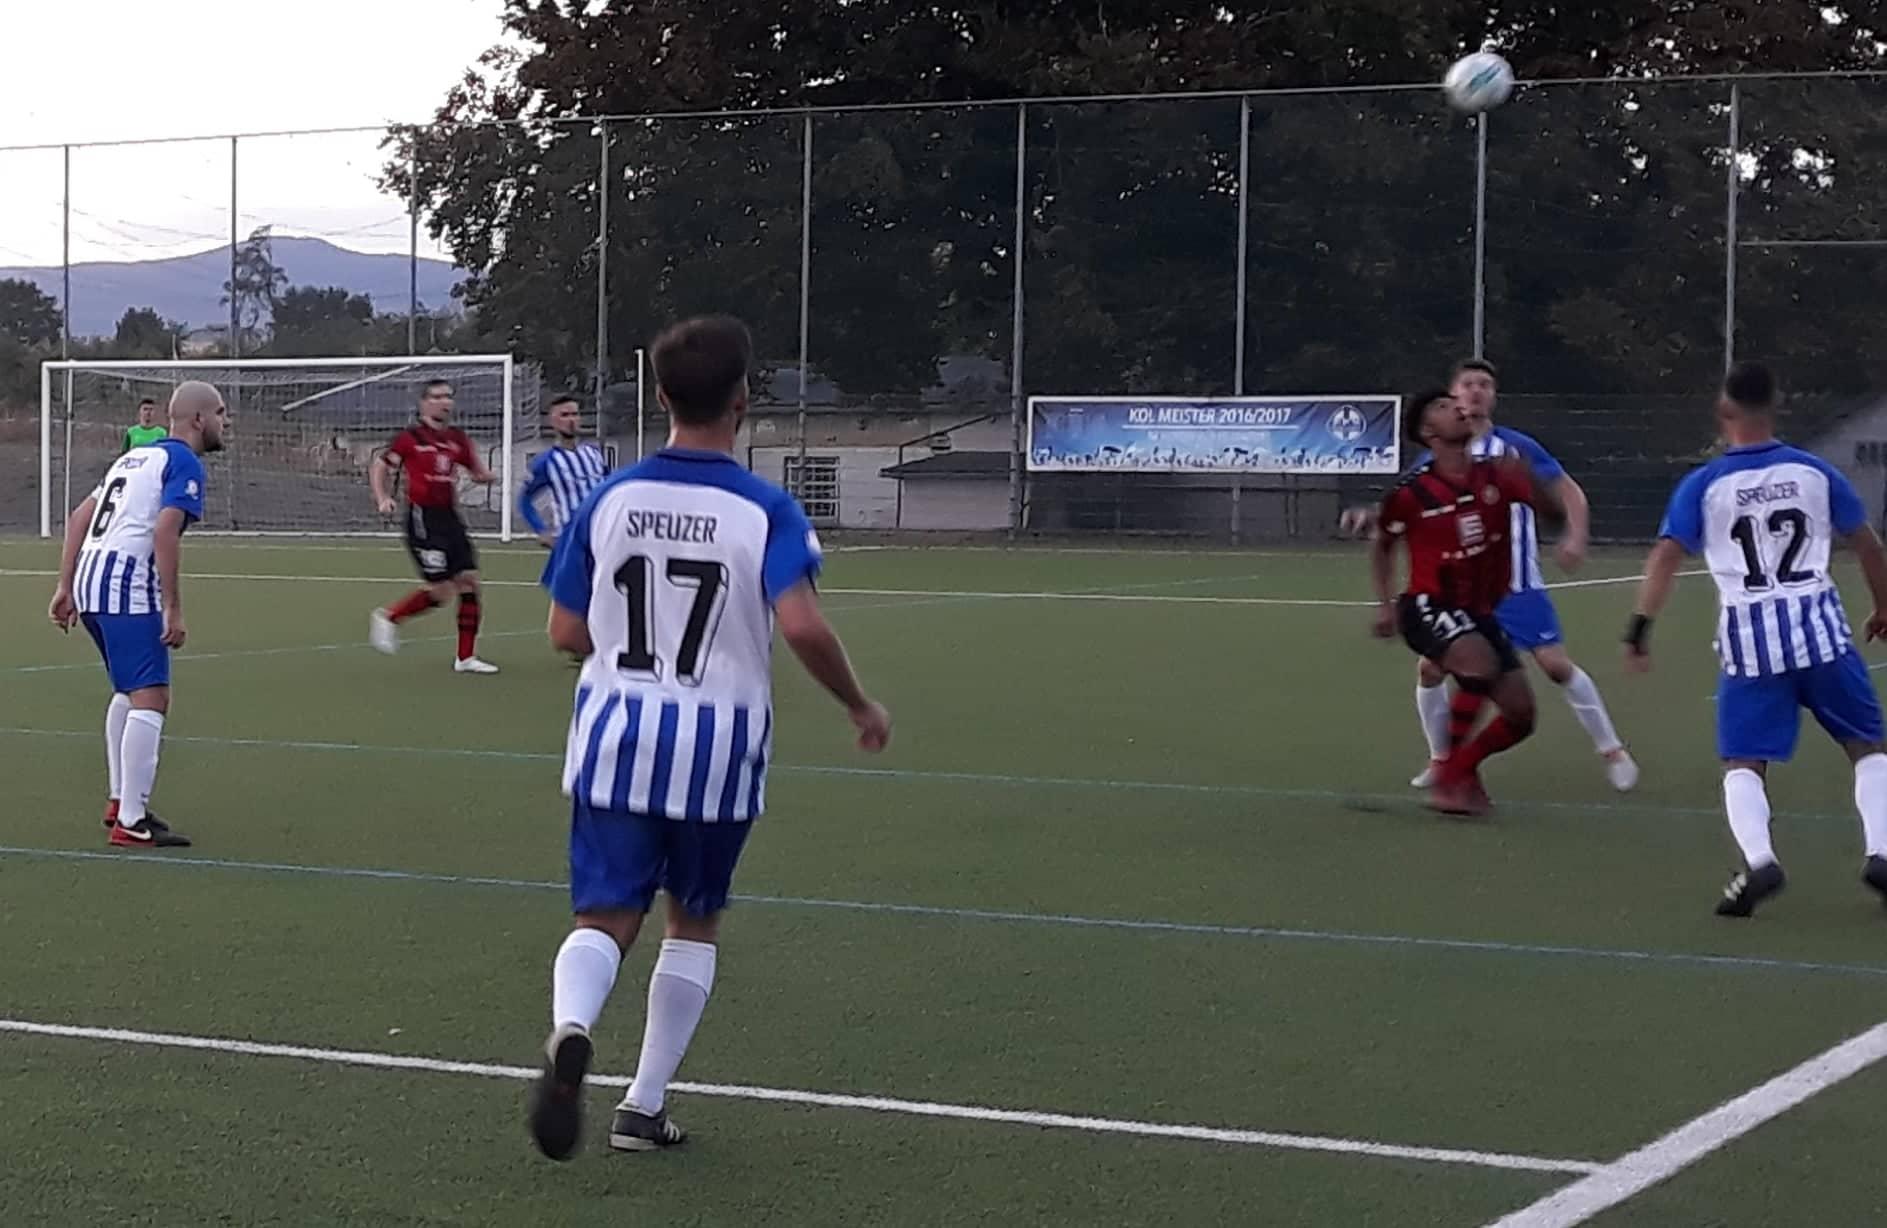 Ffv Sportfreunde